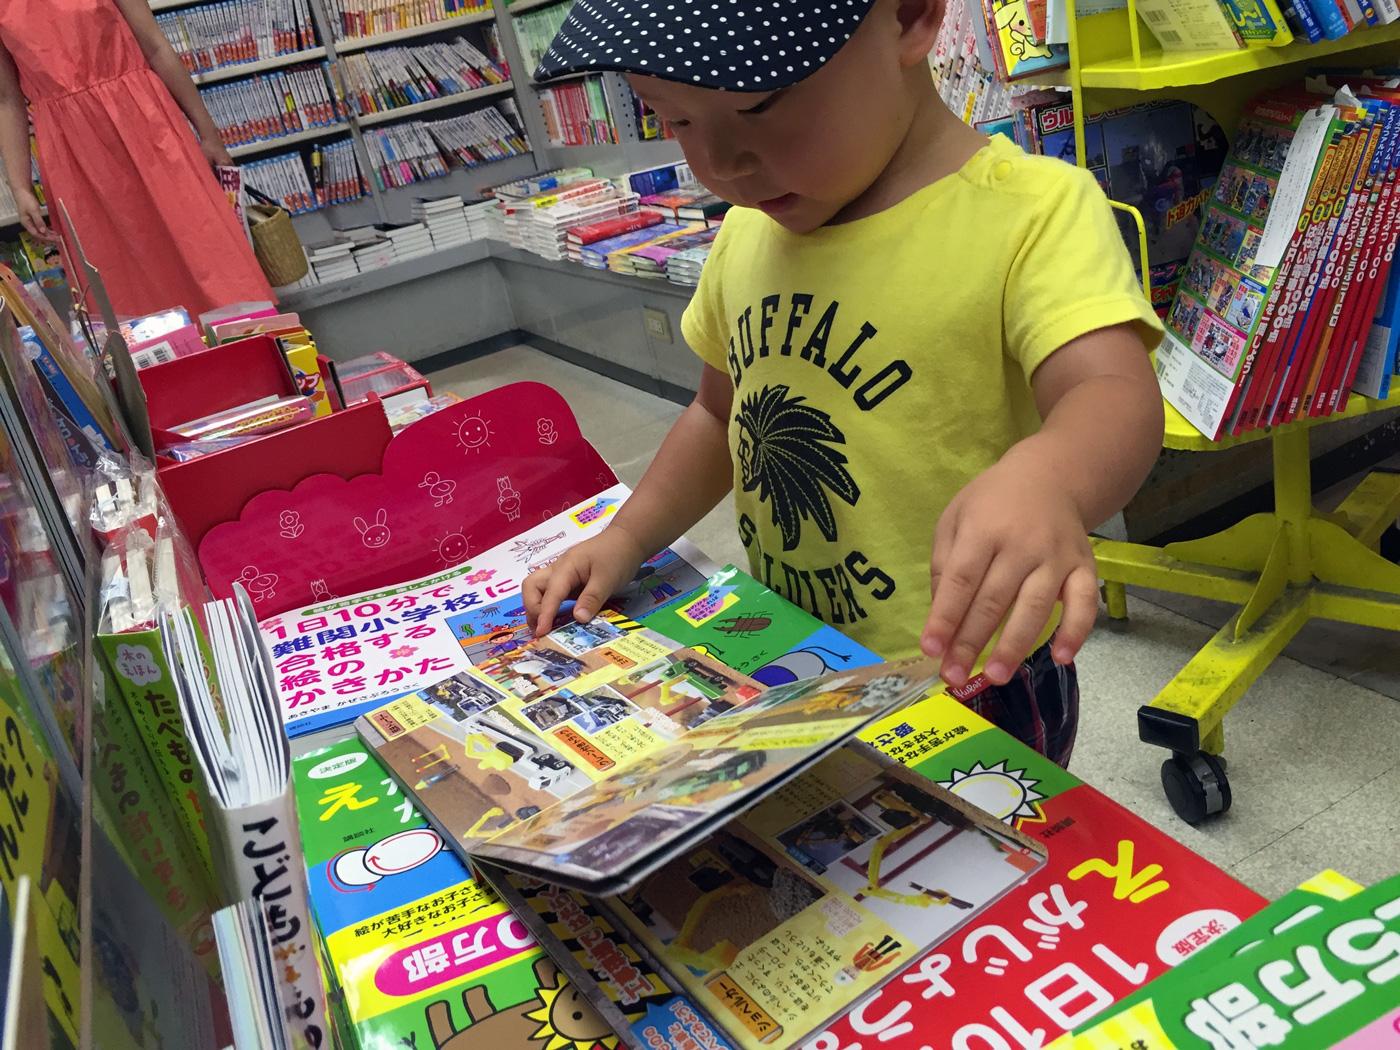 2歳の息子、本屋さんで立ち読みしながら欲しい本を選んでいます